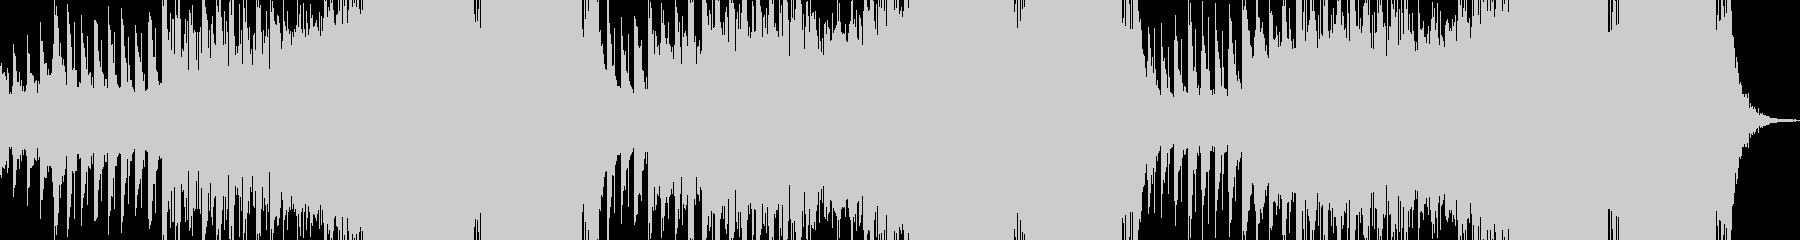 切ないメロディーのEDMです。の未再生の波形